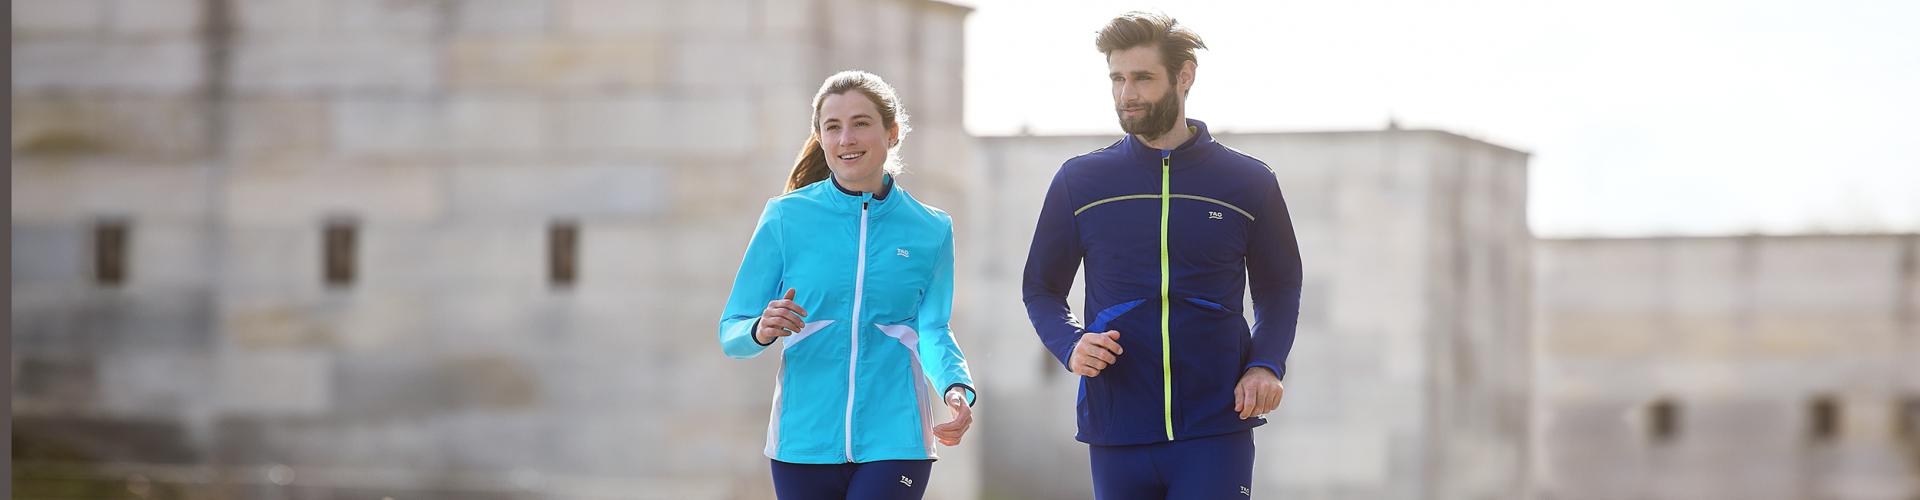 Nachhaltige Laufbekleidung für Damen und Herren